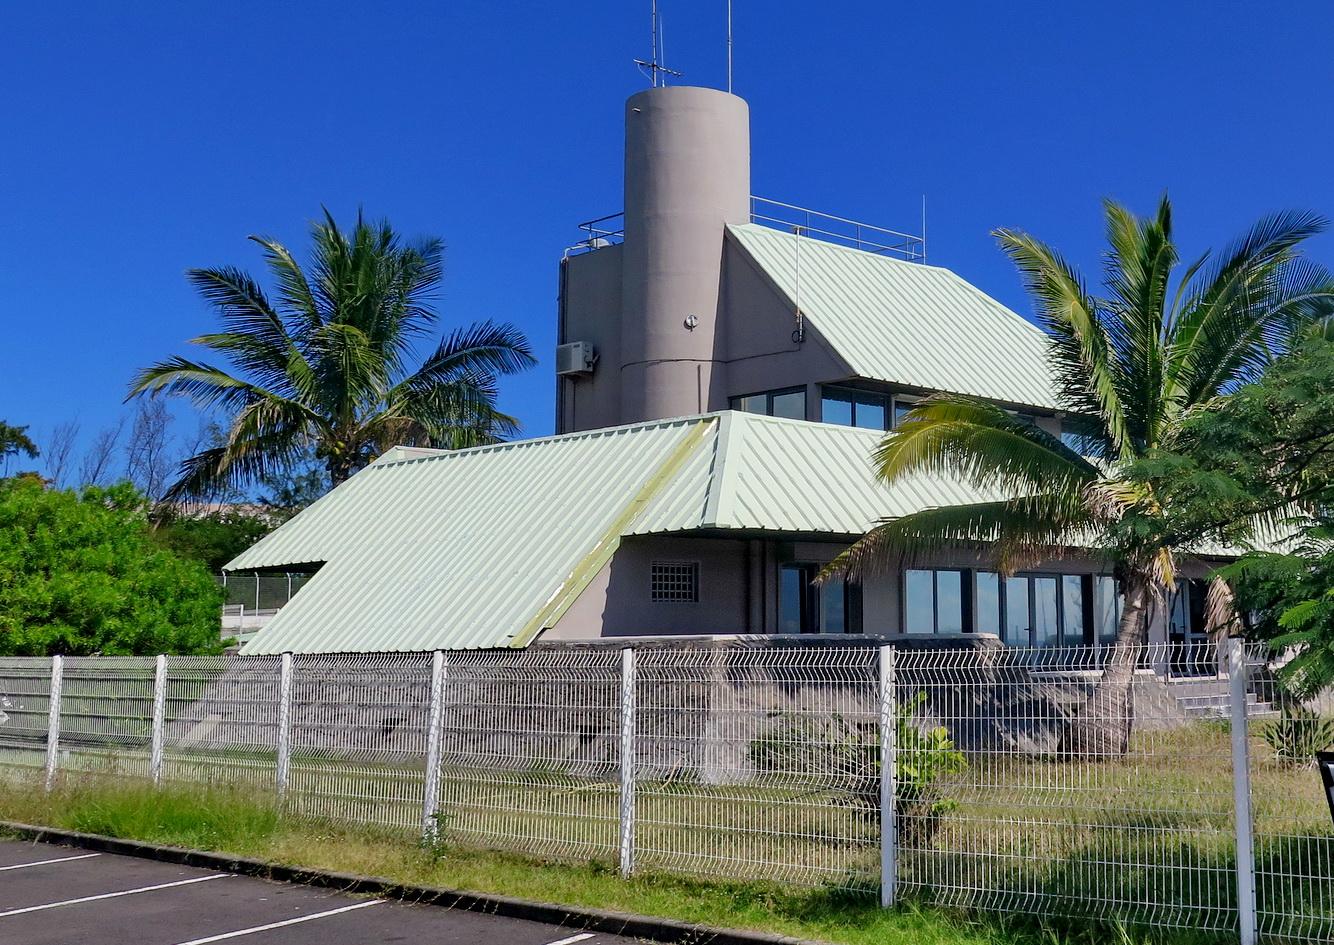 [Vie des ports] Les ports de la Réunion - Page 9 413709leportest179